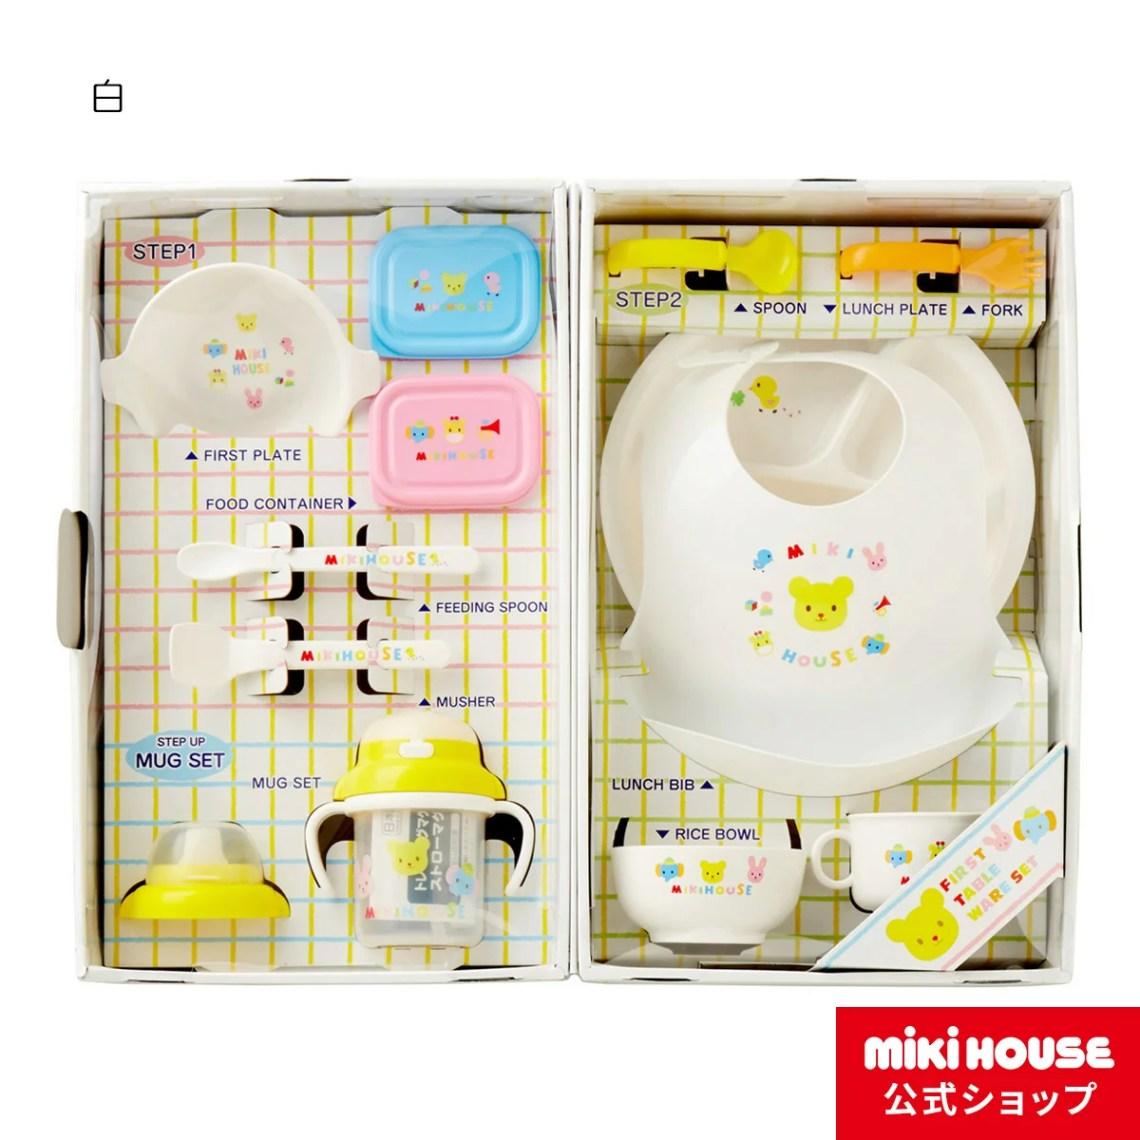 【送料無料】ミキハウス mikihouse 出産祝い ギフト におすすめ豪華なテーブルウェアセット(